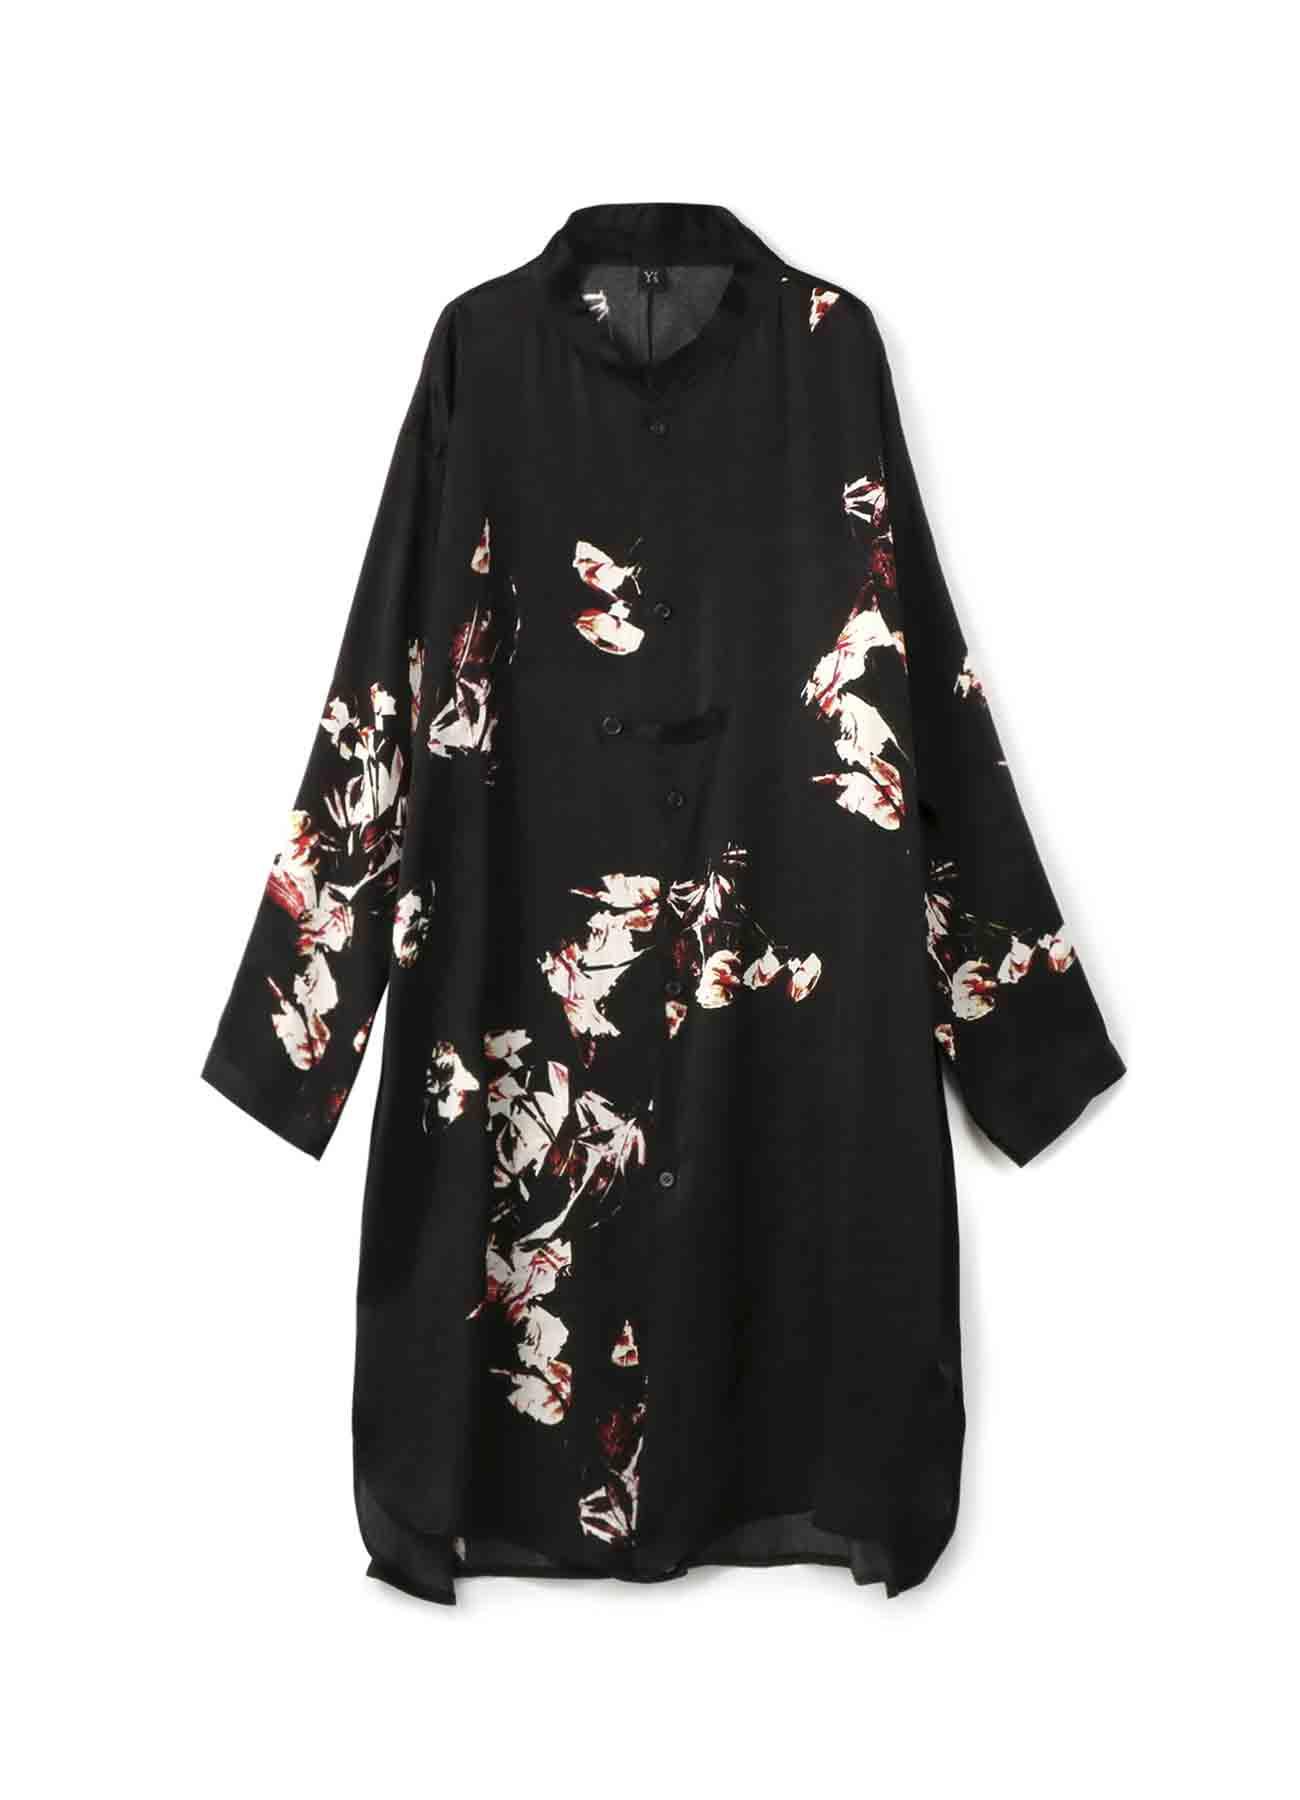 キュプラサテン花柄プリント 抜け衿シャツドレス